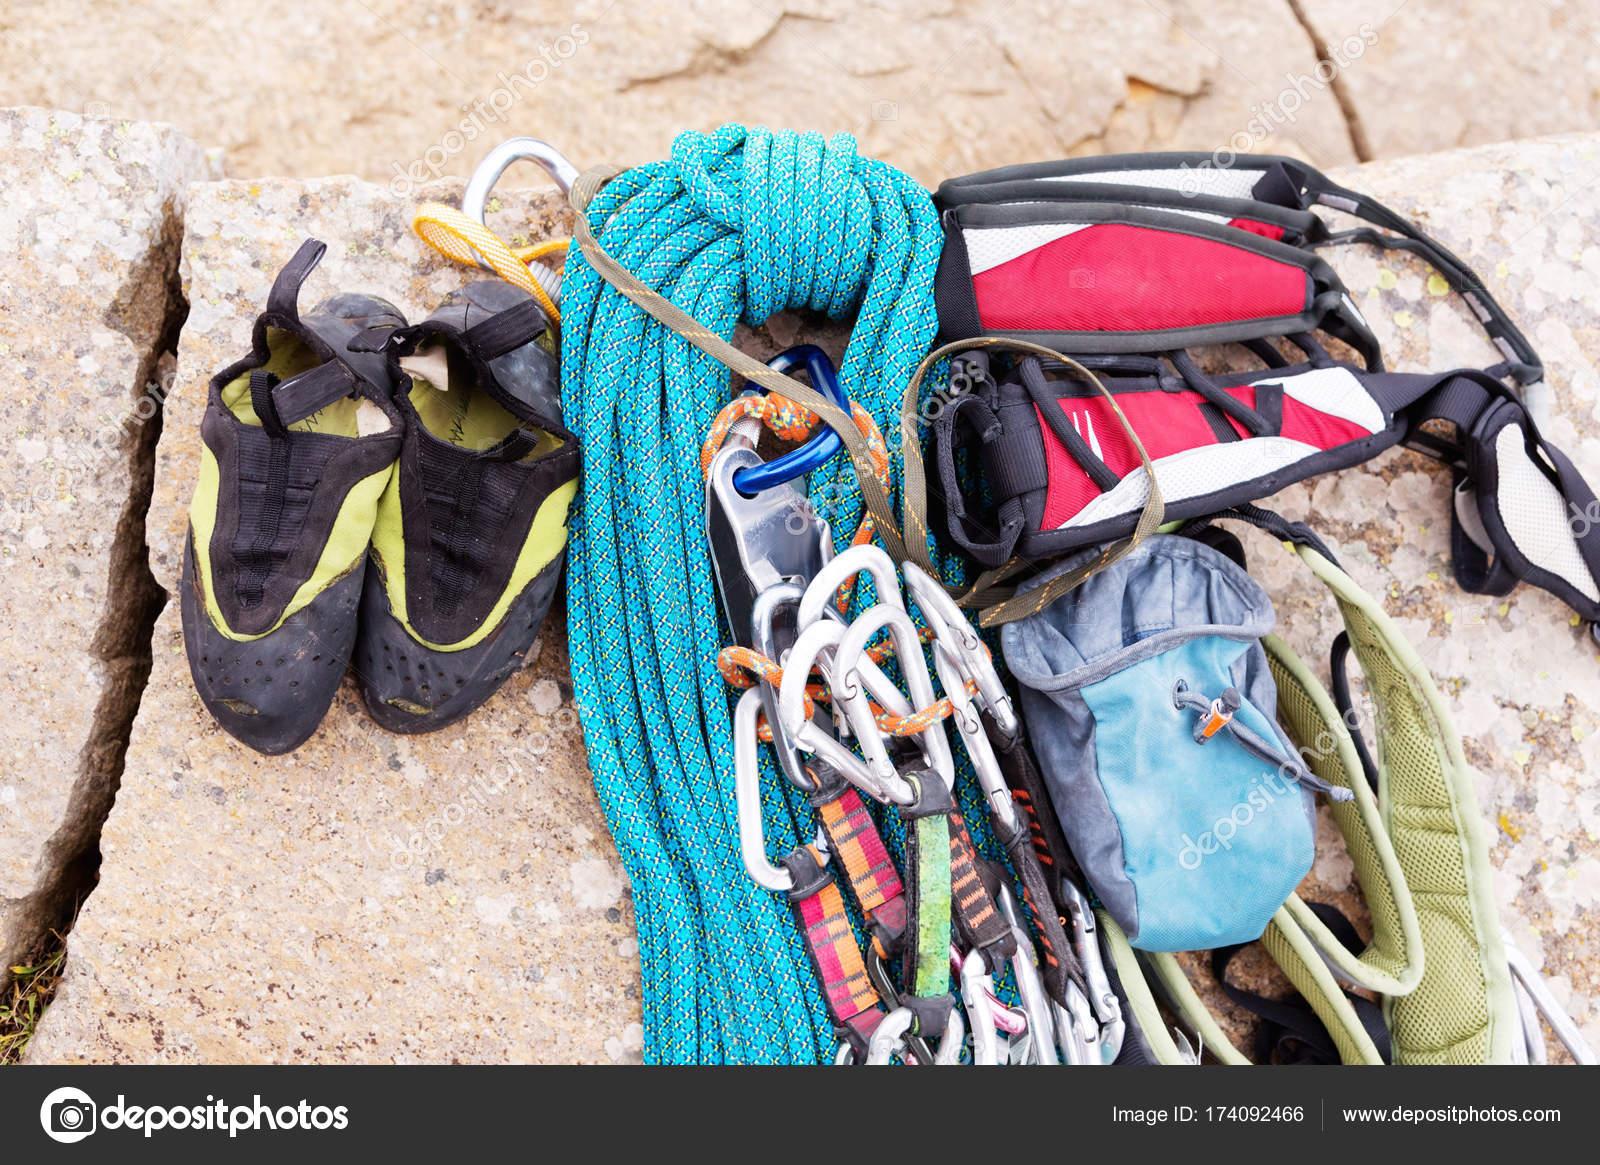 Kletterausrüstung Outdoor : Kletterausrüstung seil und karabiner blick von der oberen